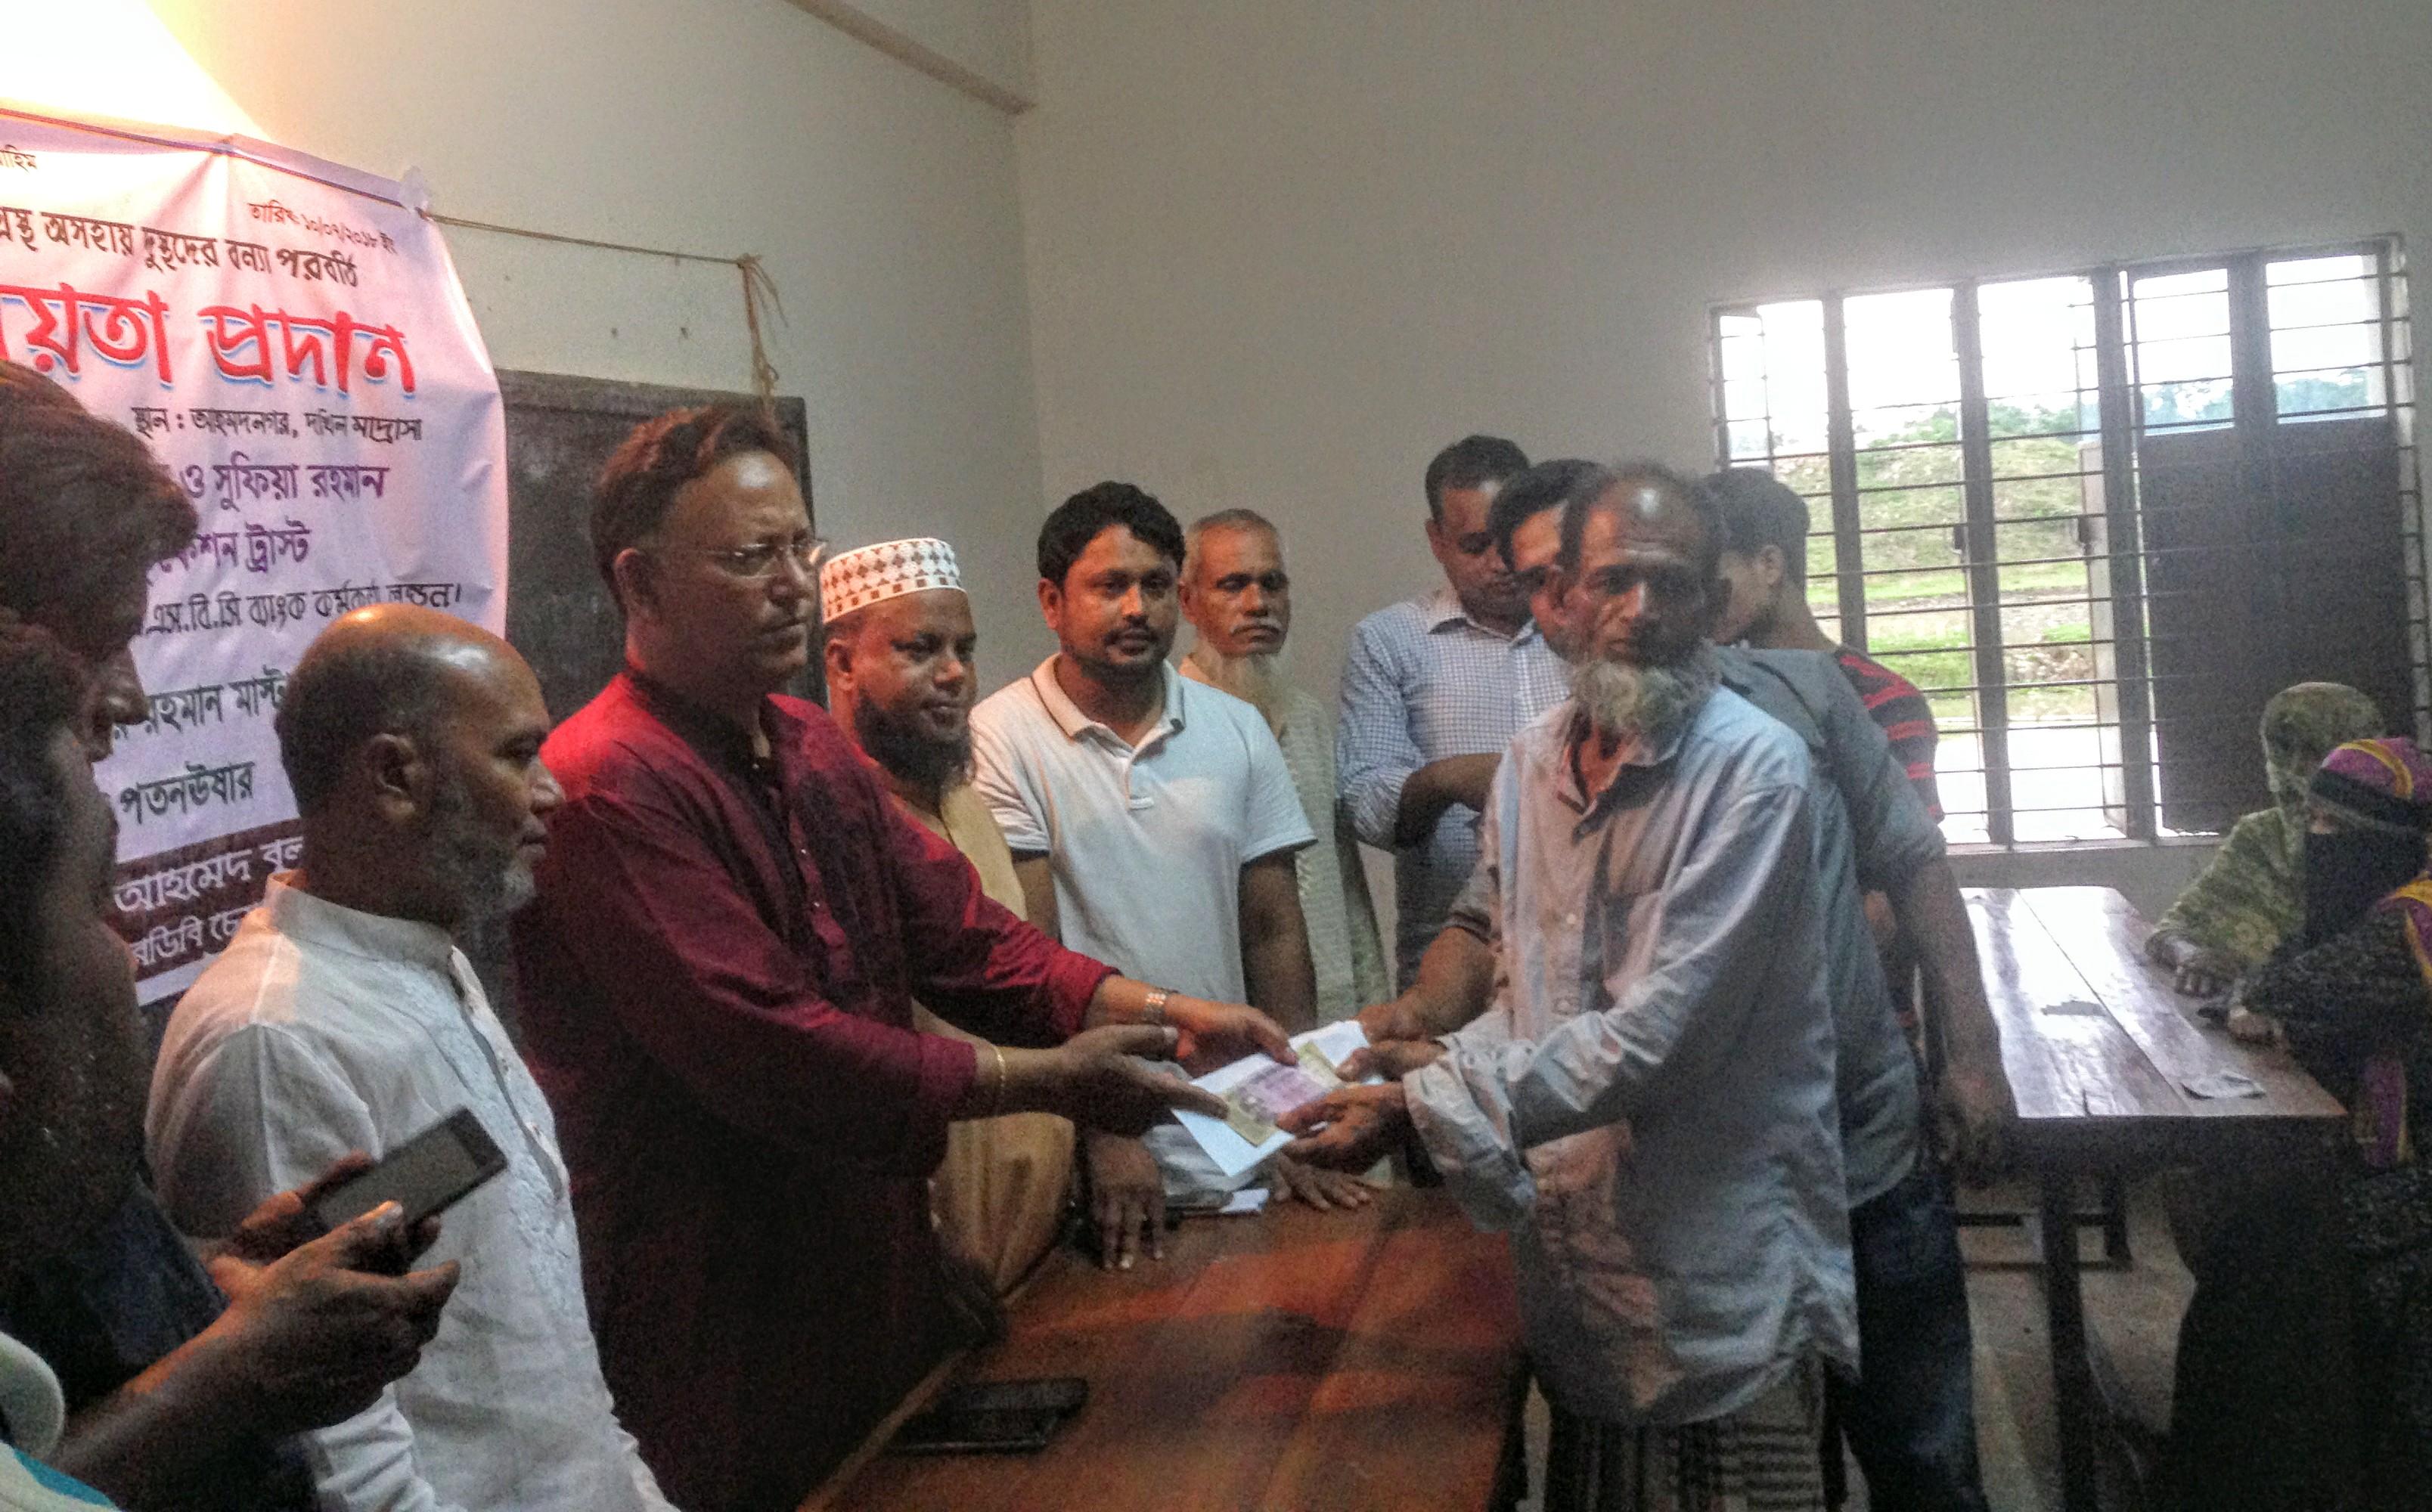 আলহাজ্ব সৈয়দ আবদুর রহমান ও সুফিয়া রহমান ওয়েলফেয়ার এন্ড এডুকেশন ট্রাষ্ট'এর বন্যা পরবর্তি আর্থিক সহায়তা প্রদান